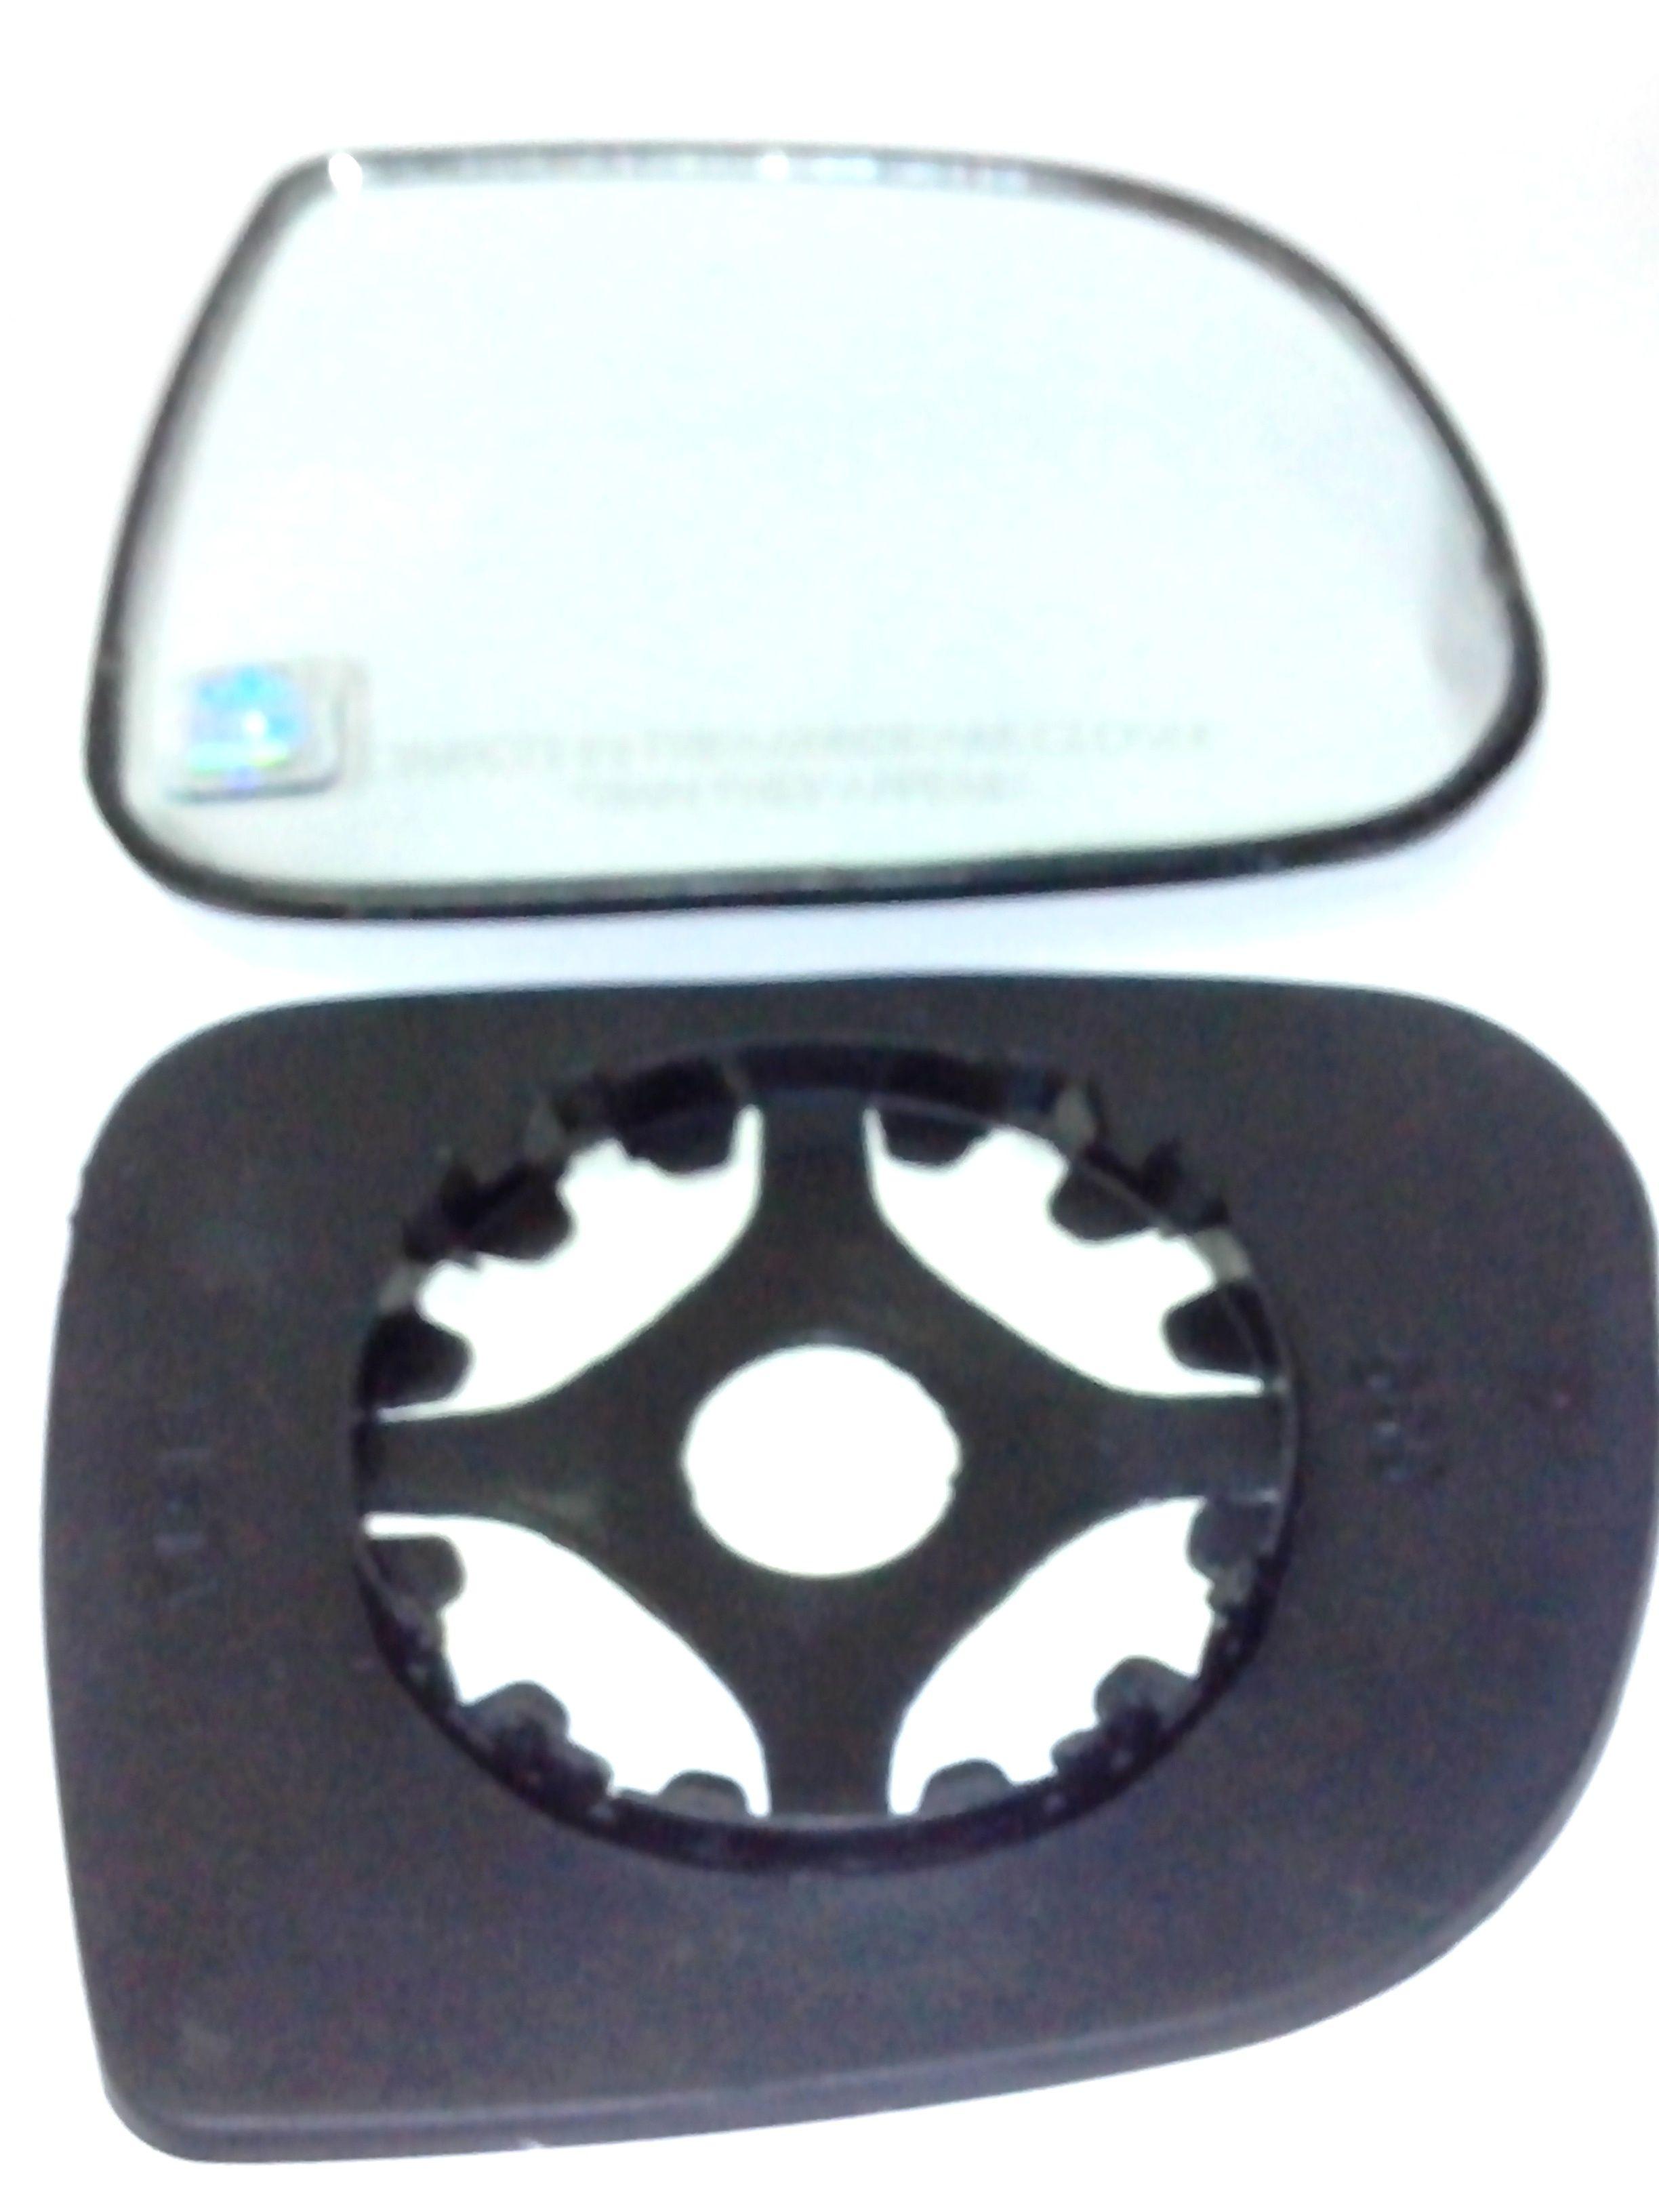 MANTRA-CONVEX MIRROR PLATES (SUB MIRROR PLATES) FOR TATA SUMO VICTA LEFT SIDE